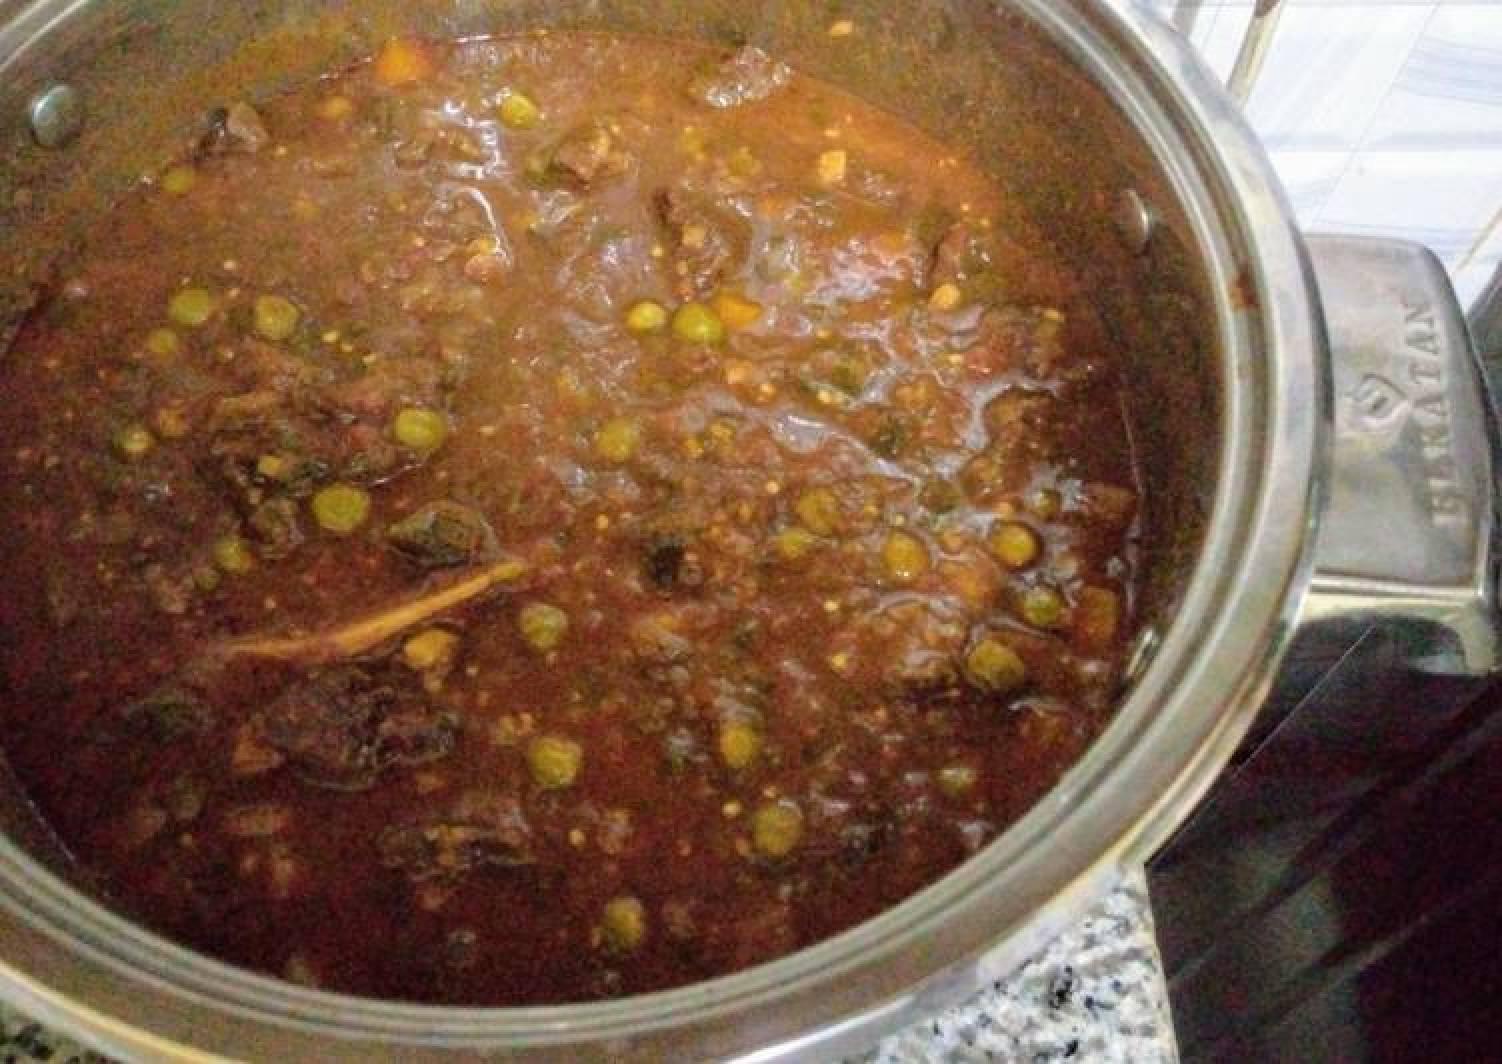 Beef stew with graden peas